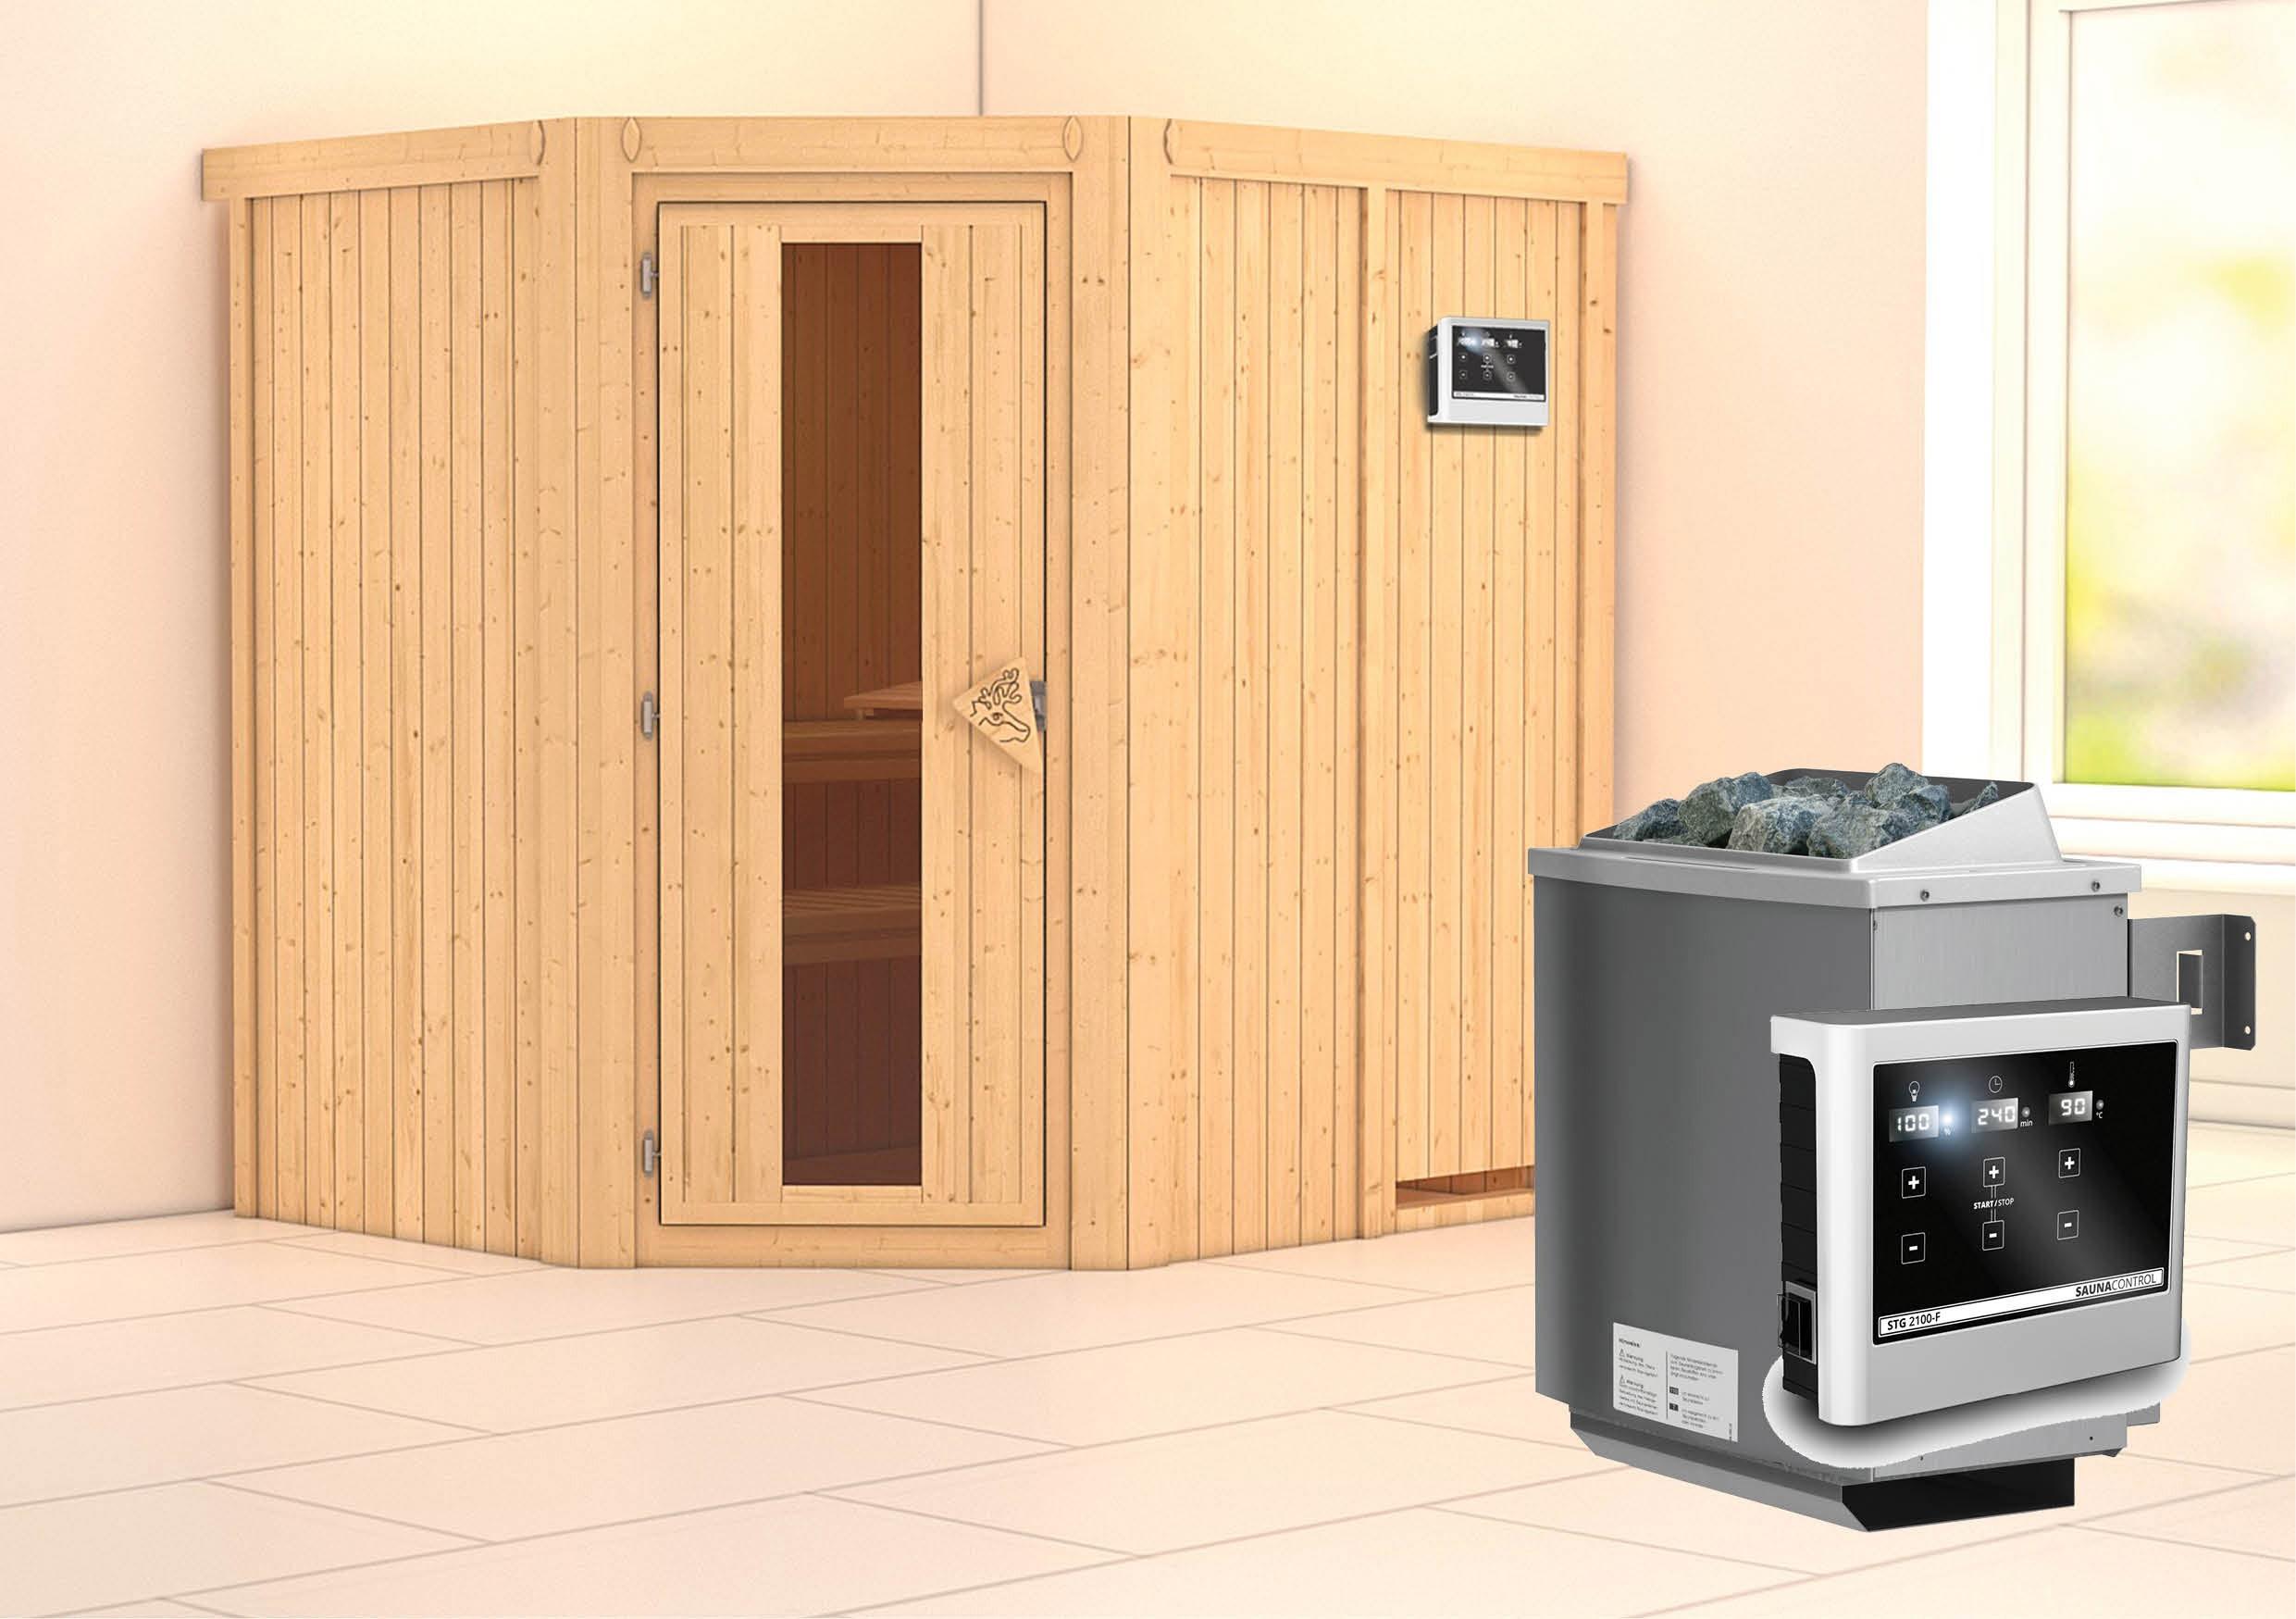 karibu sauna siirin 68mm mit ofen 9kw extern holzt r bei. Black Bedroom Furniture Sets. Home Design Ideas